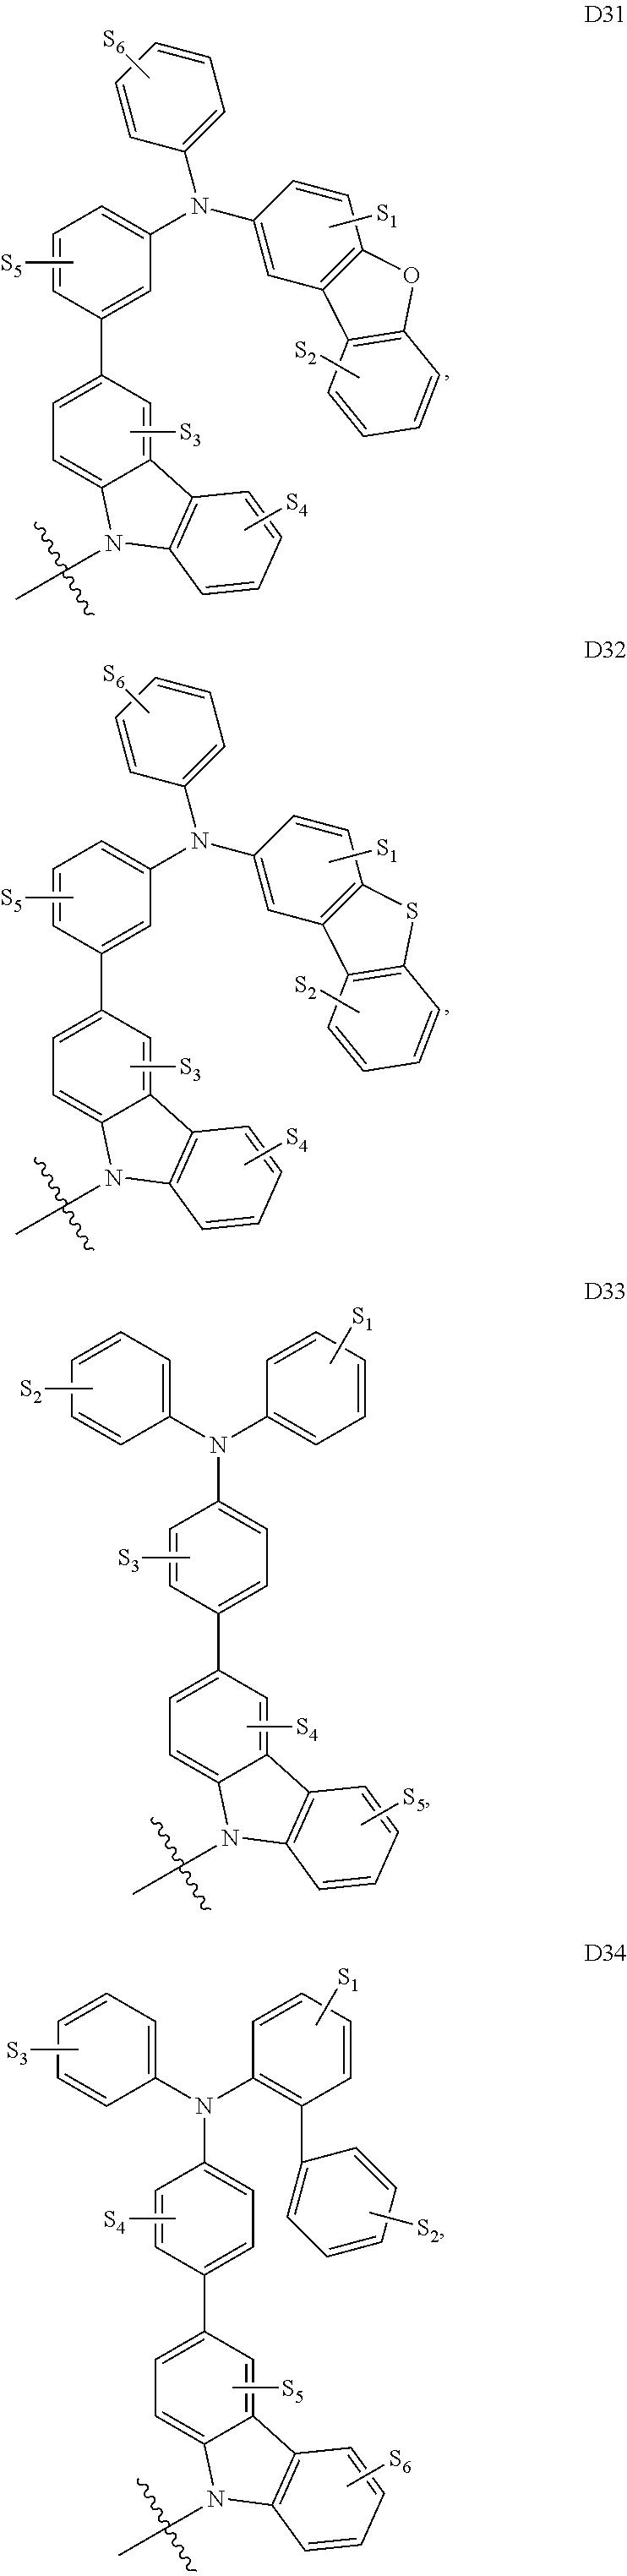 Figure US09324949-20160426-C00390